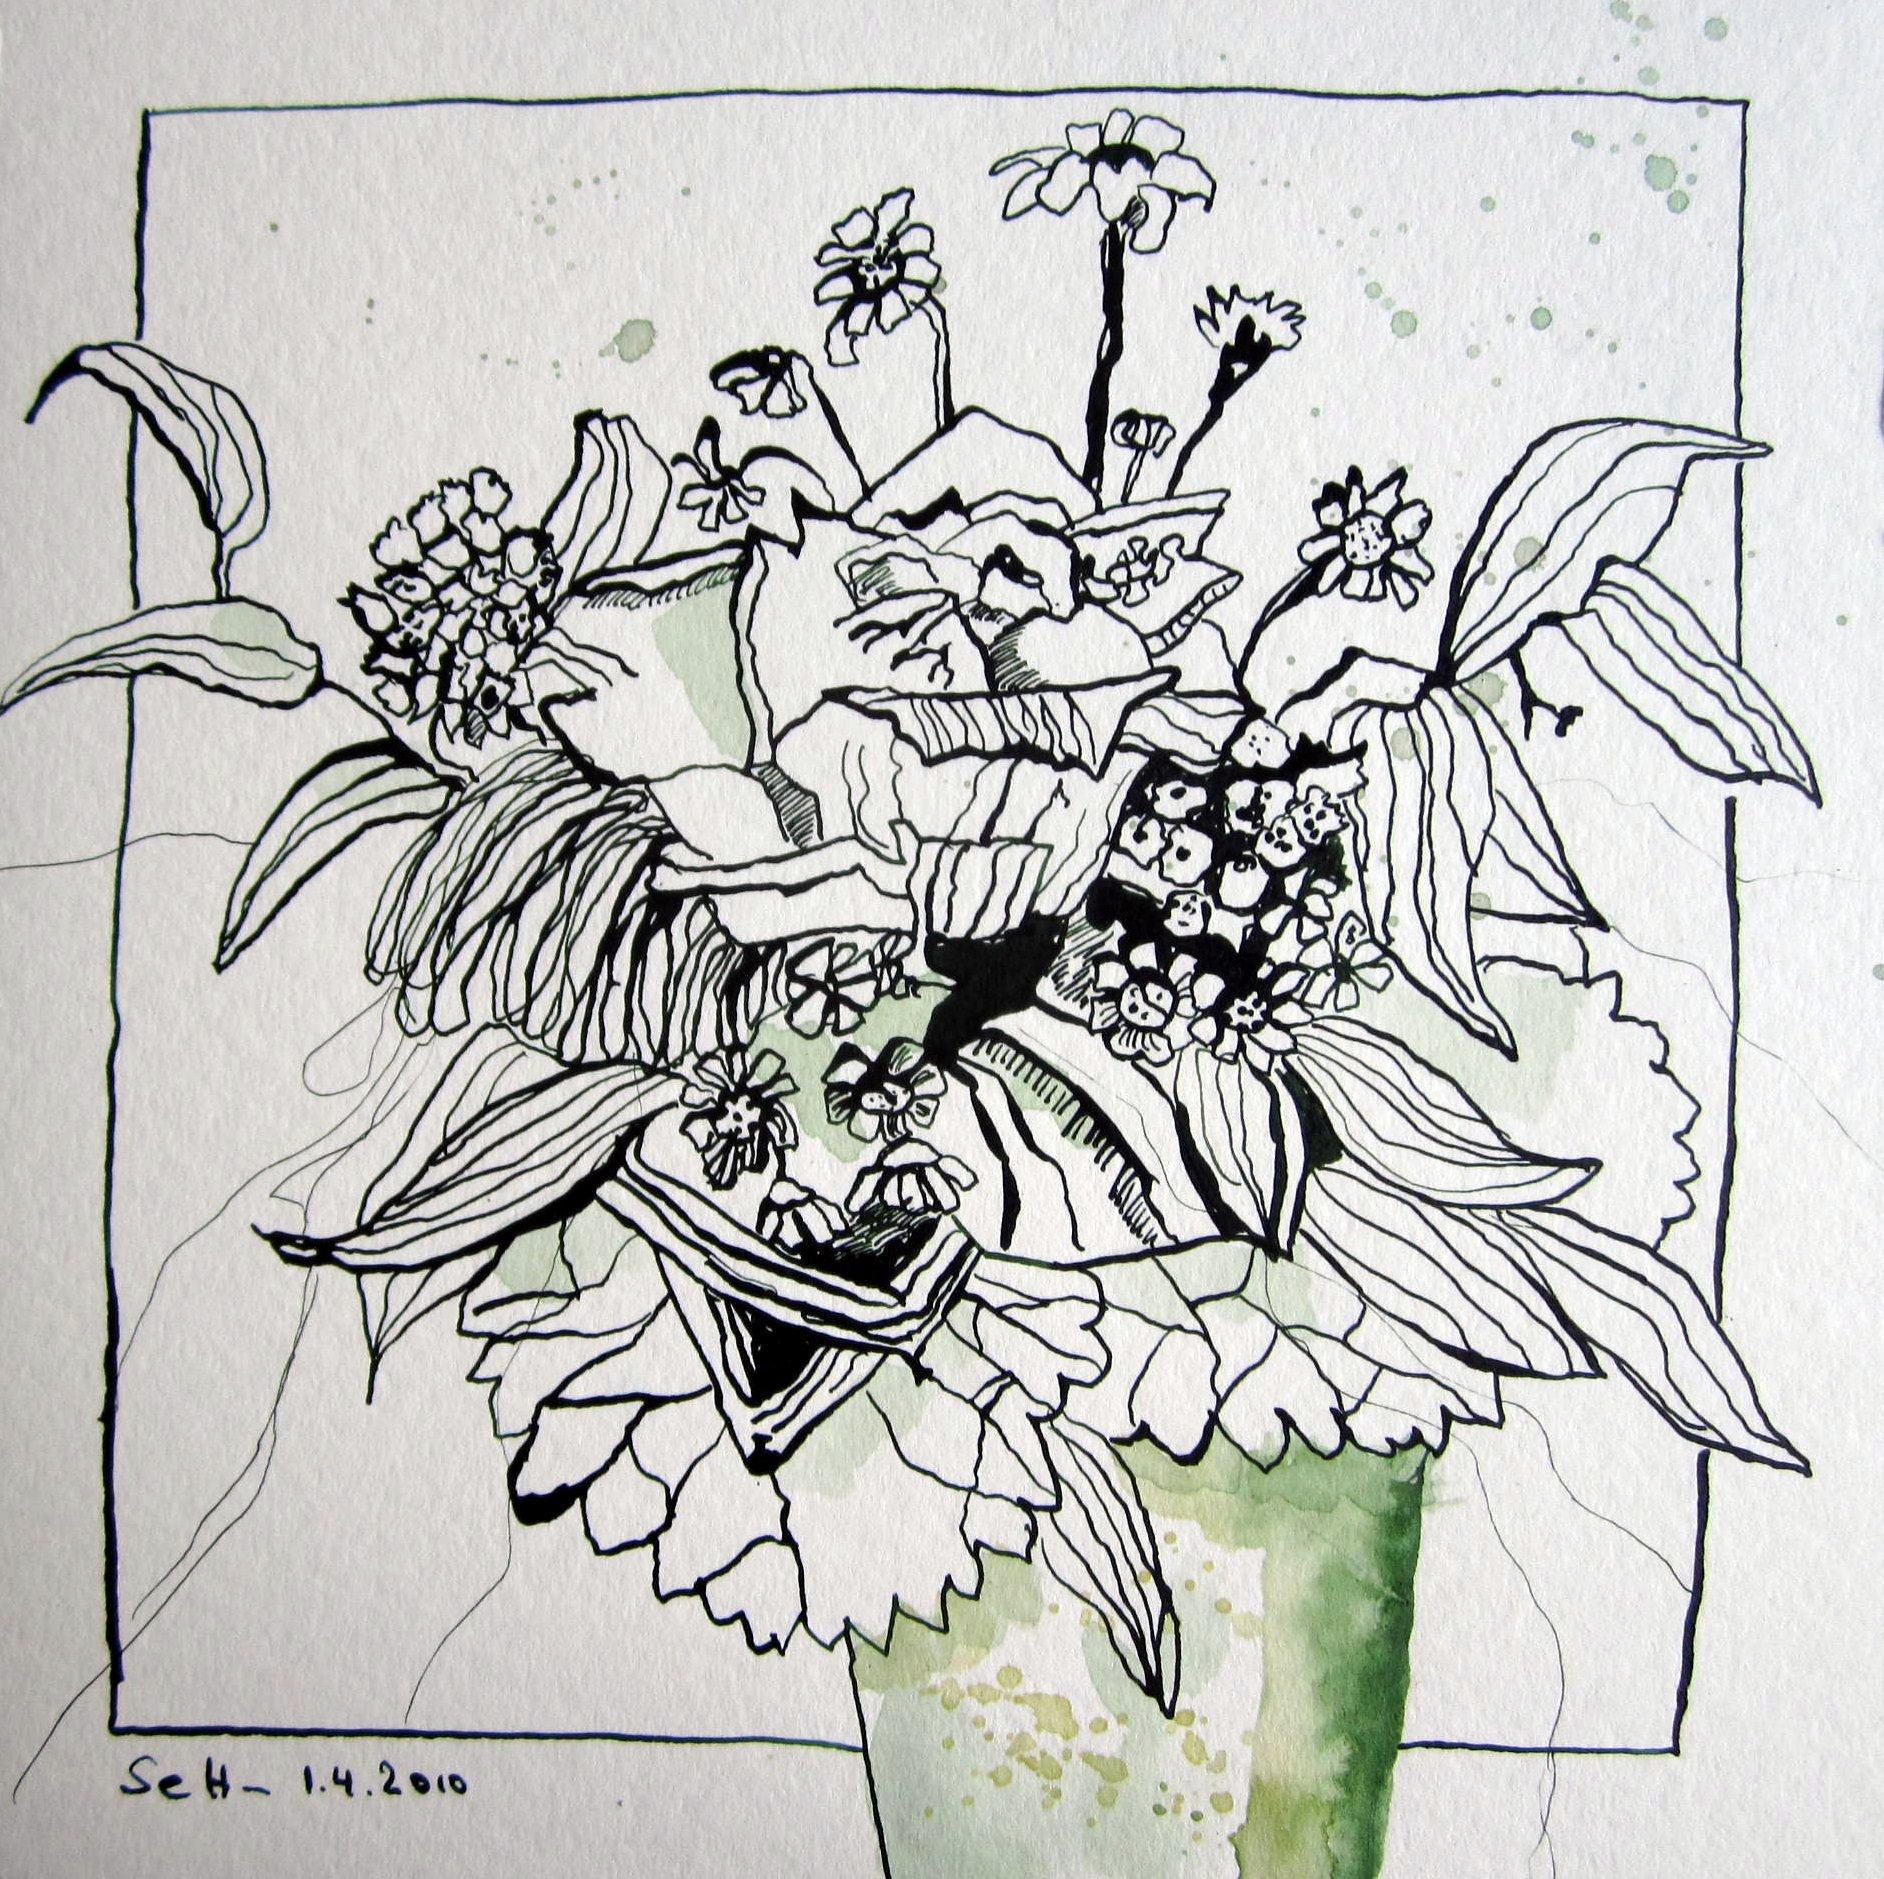 Getrocknete Blumen - Zeichnung von Susanne Haun 25 x 25 cm - Tusche auf Bütten